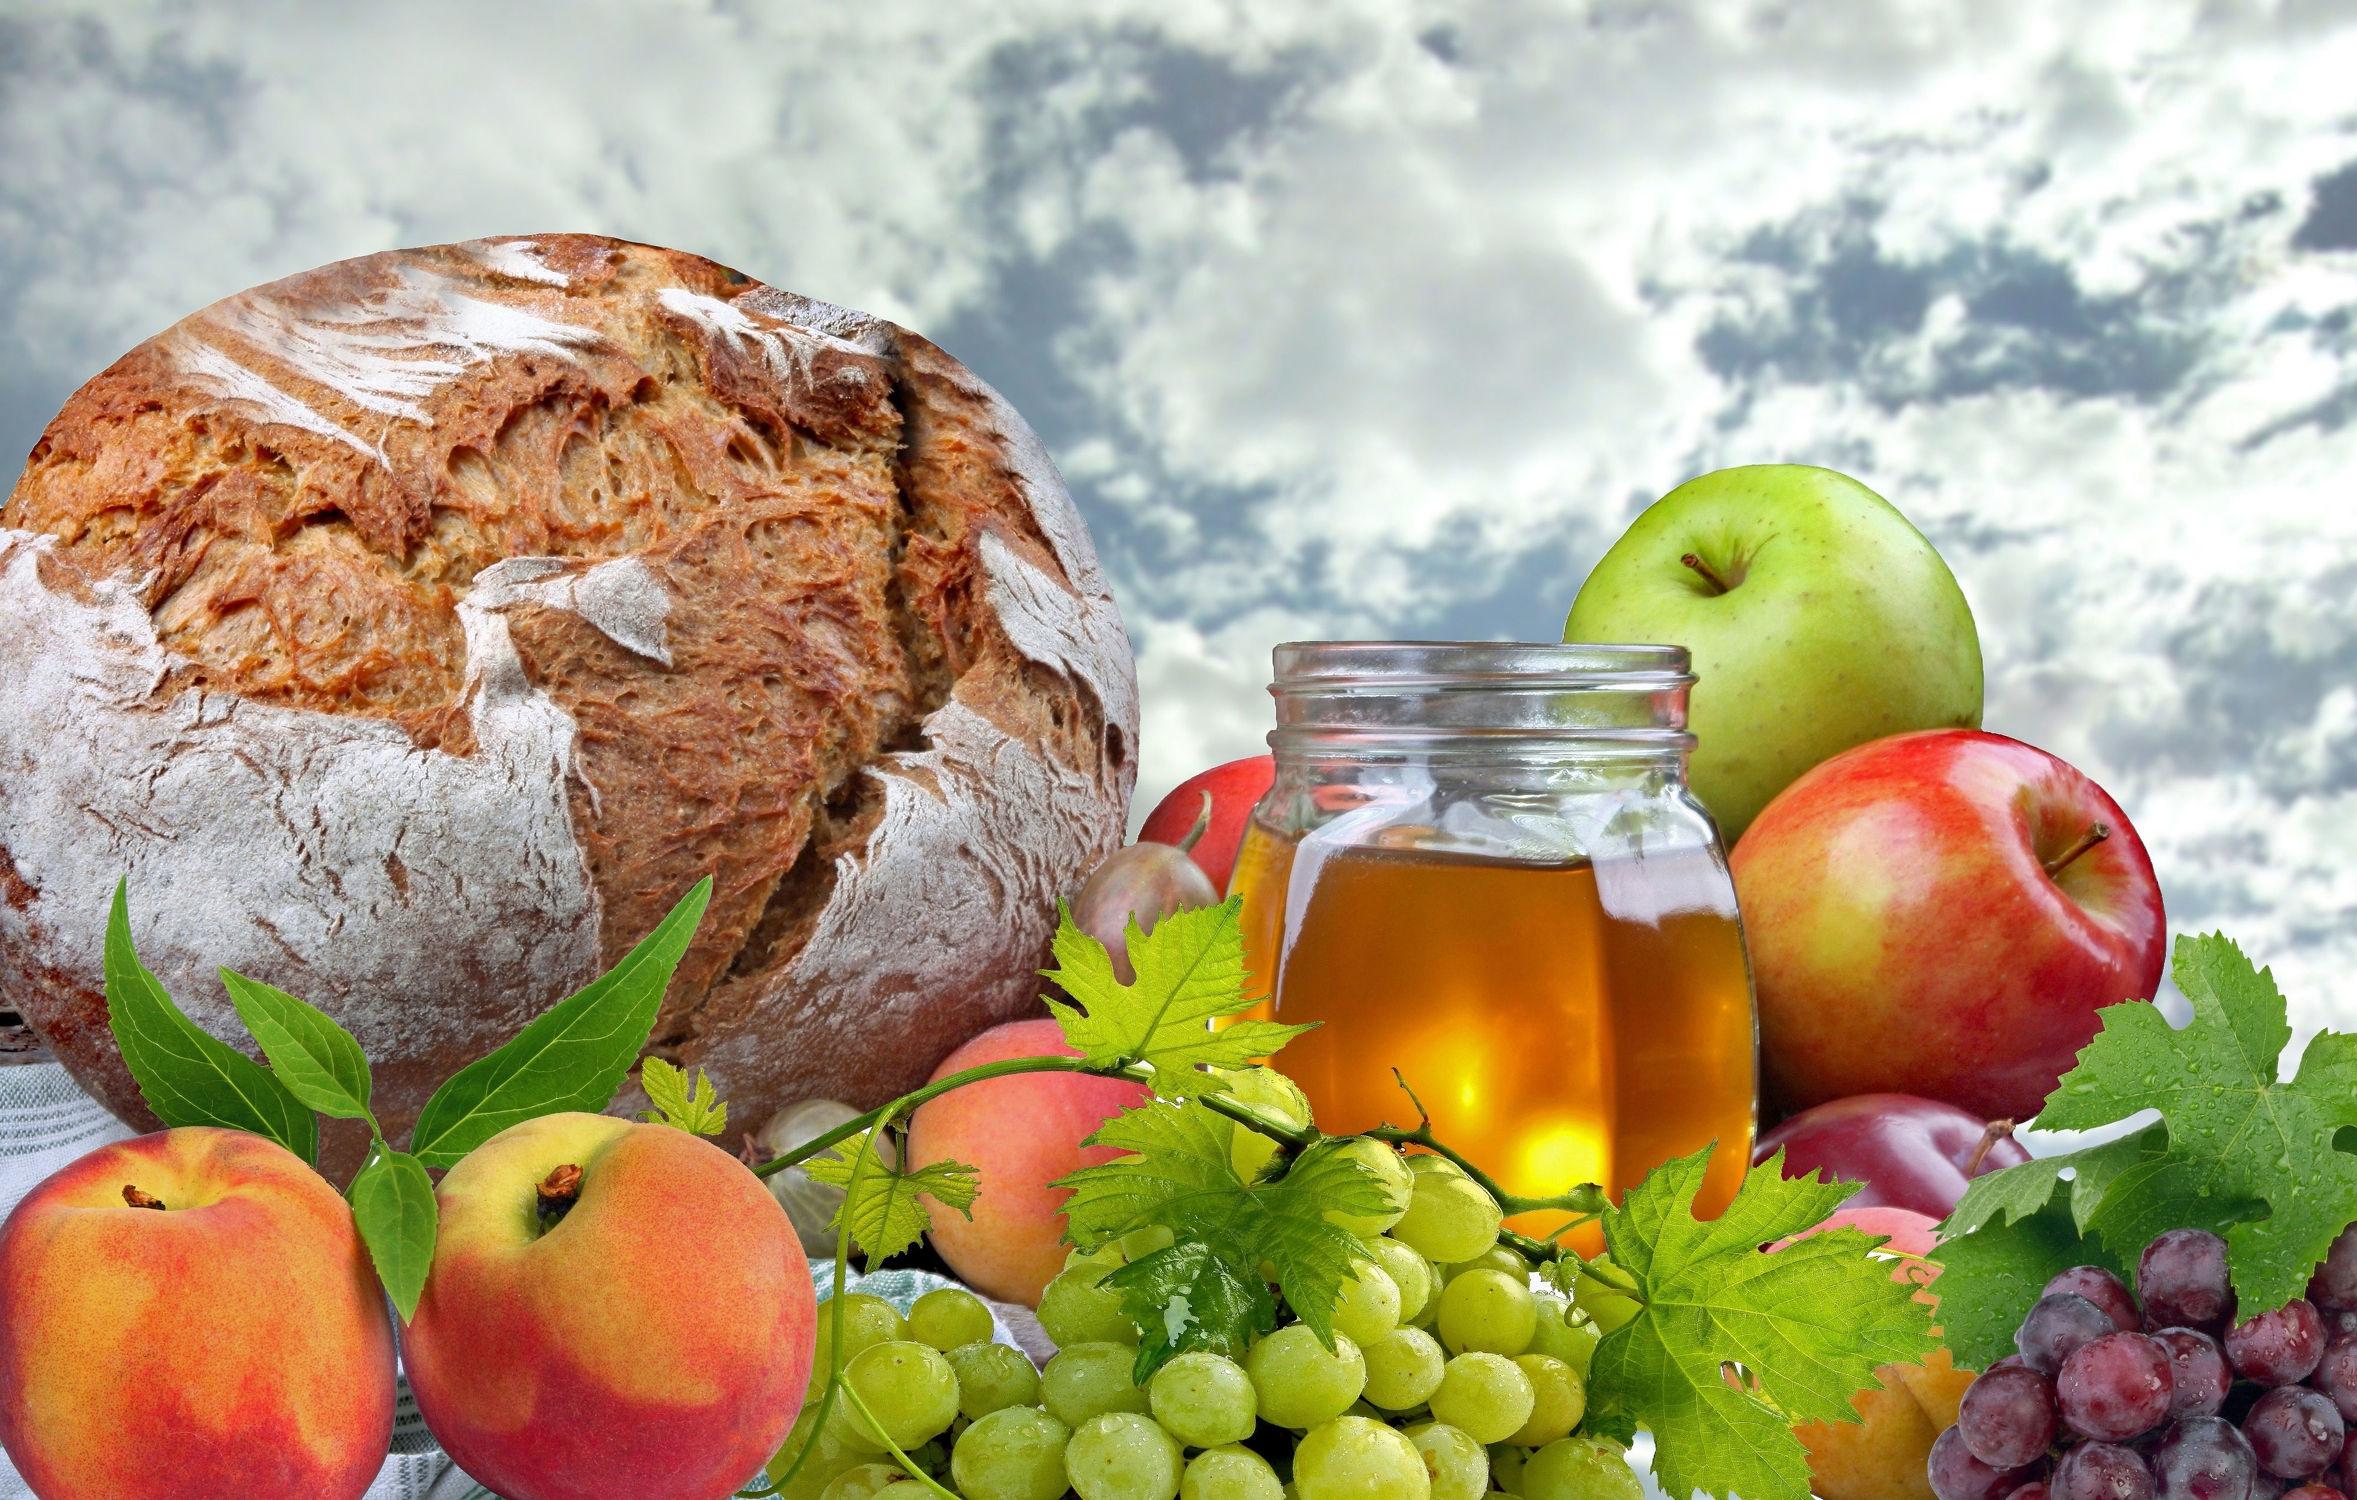 Bild mit Himmel, Wolken, Früchte, Essen, Pfirsiche, Frucht, Obst, Aprikosen, Küchenbild, Weintrauben, Apfel, Apfel, Food, Küchenbilder, Honig, Küche, pflaumen, Stachelbeeren, picknick, brot, brote